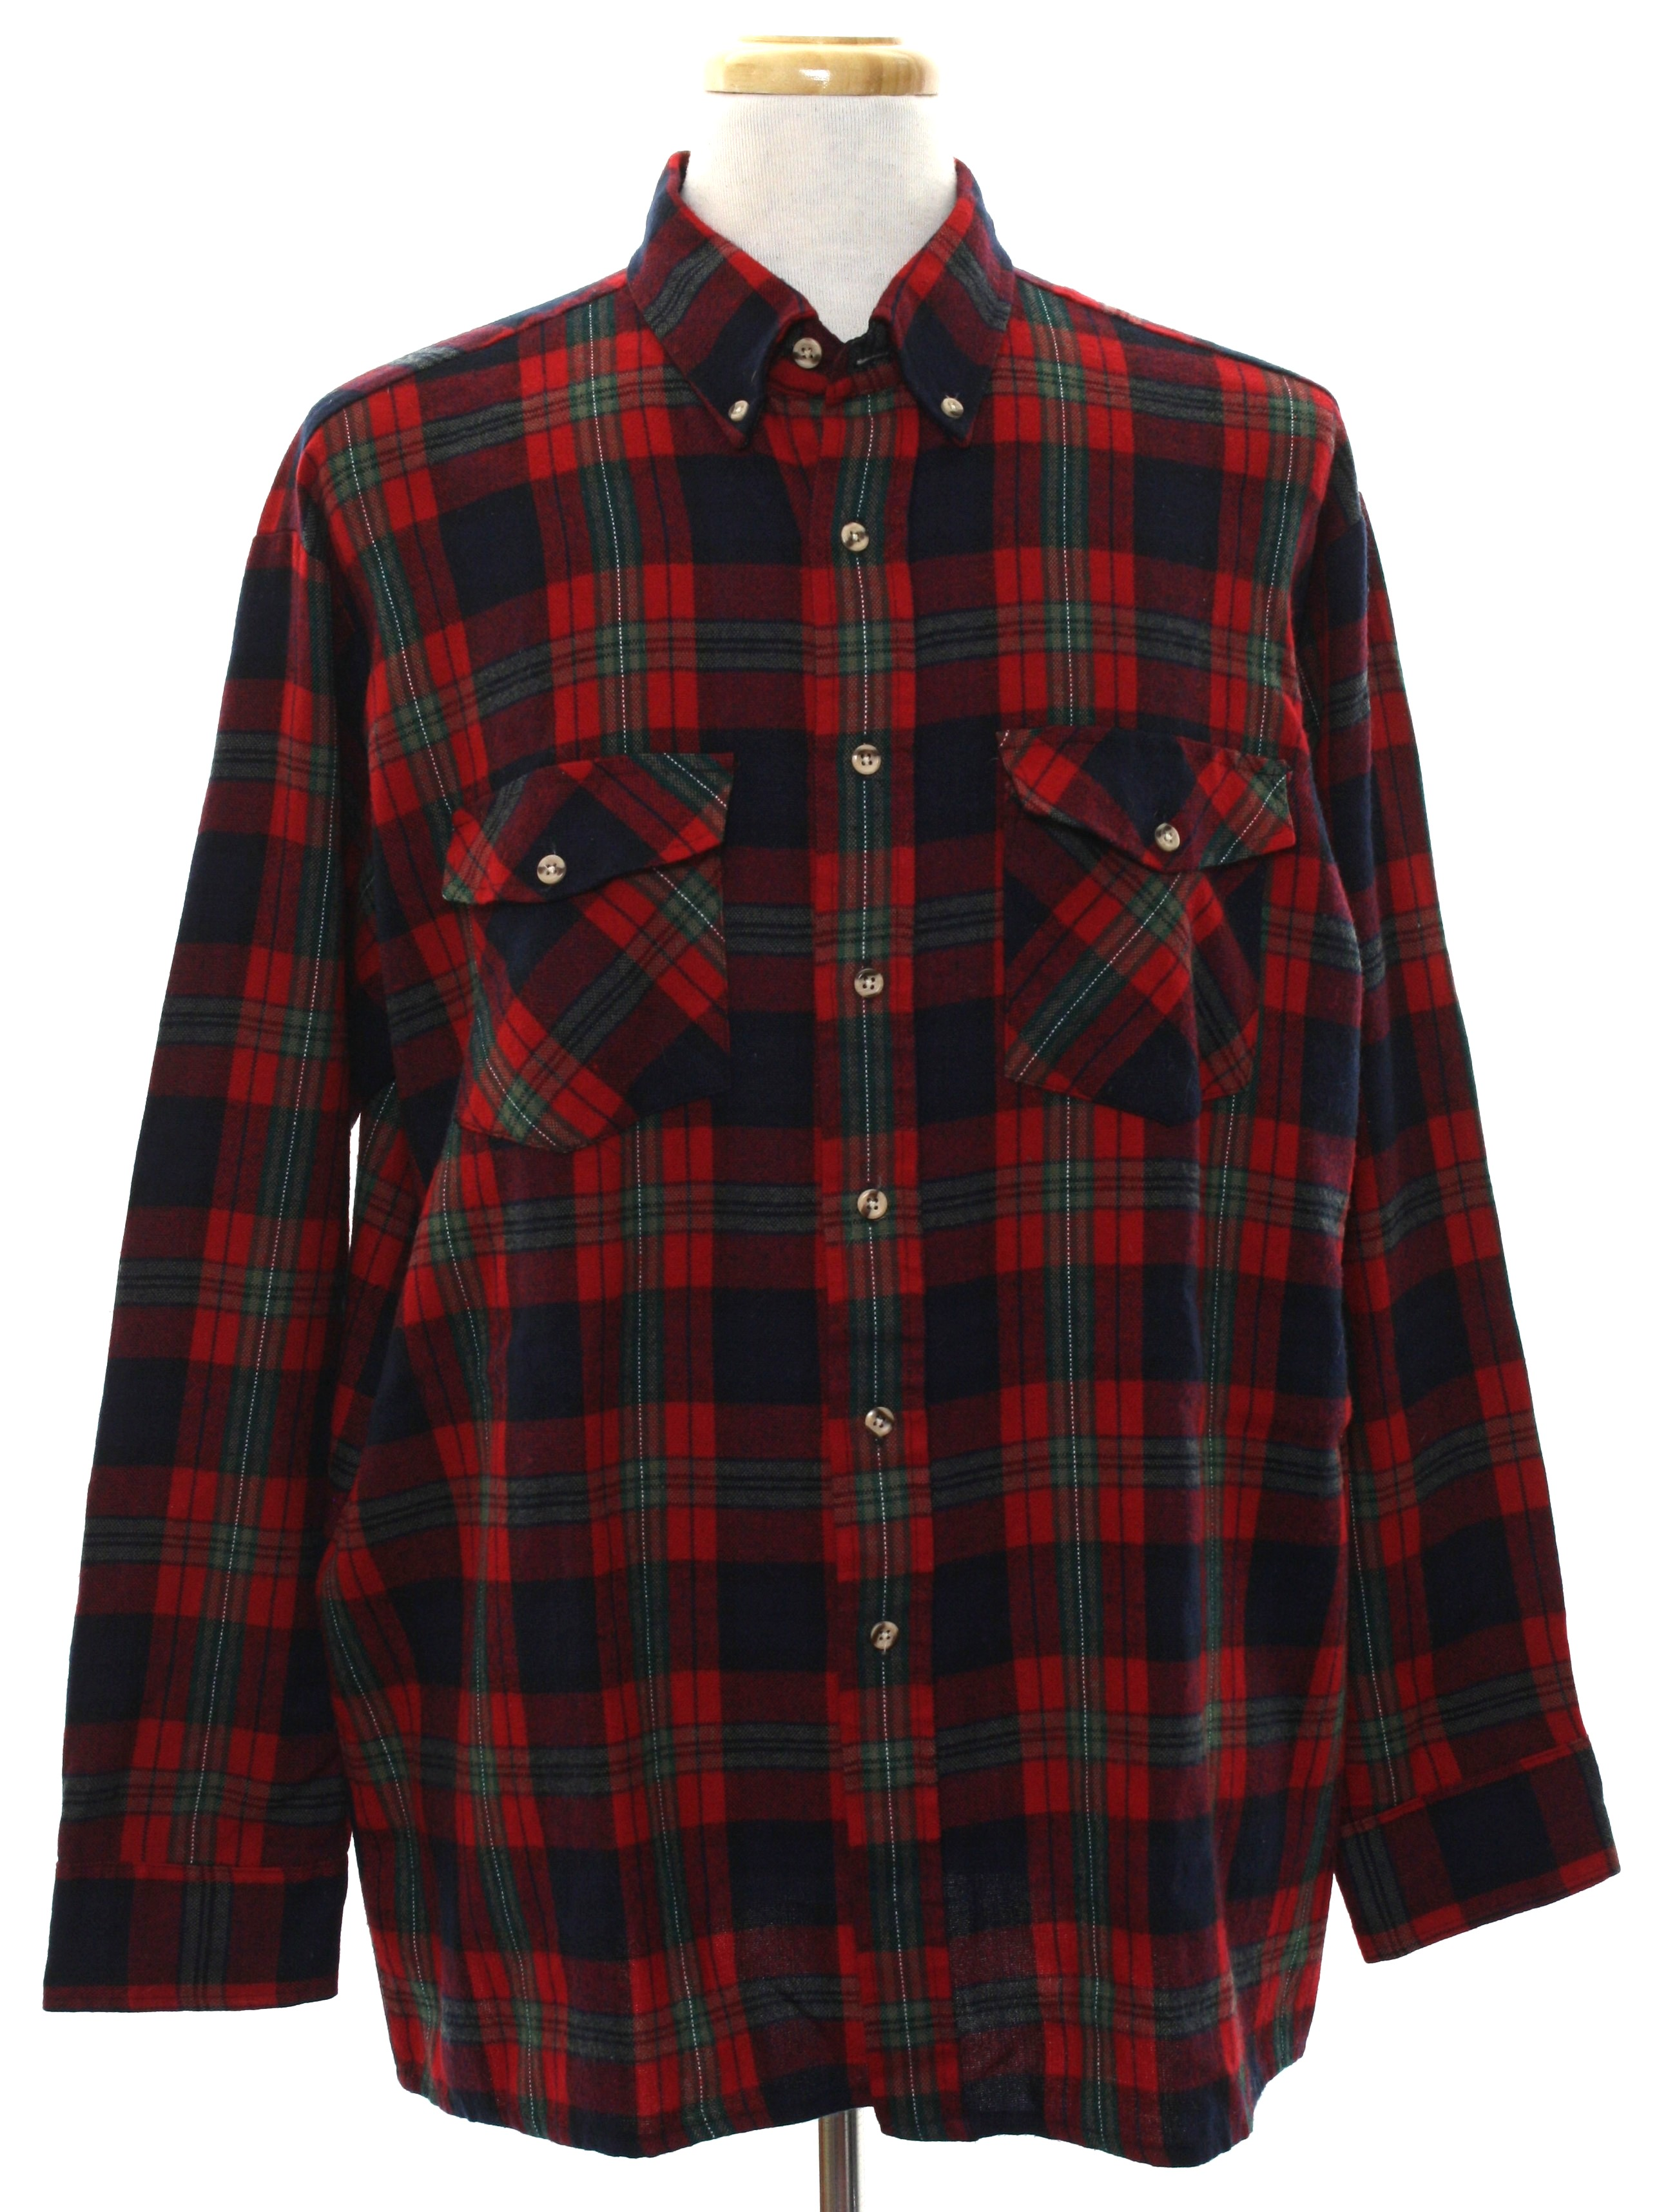 Vintage van heusen 1980s shirt 80s van heusen mens red for Van heusen plaid shirts